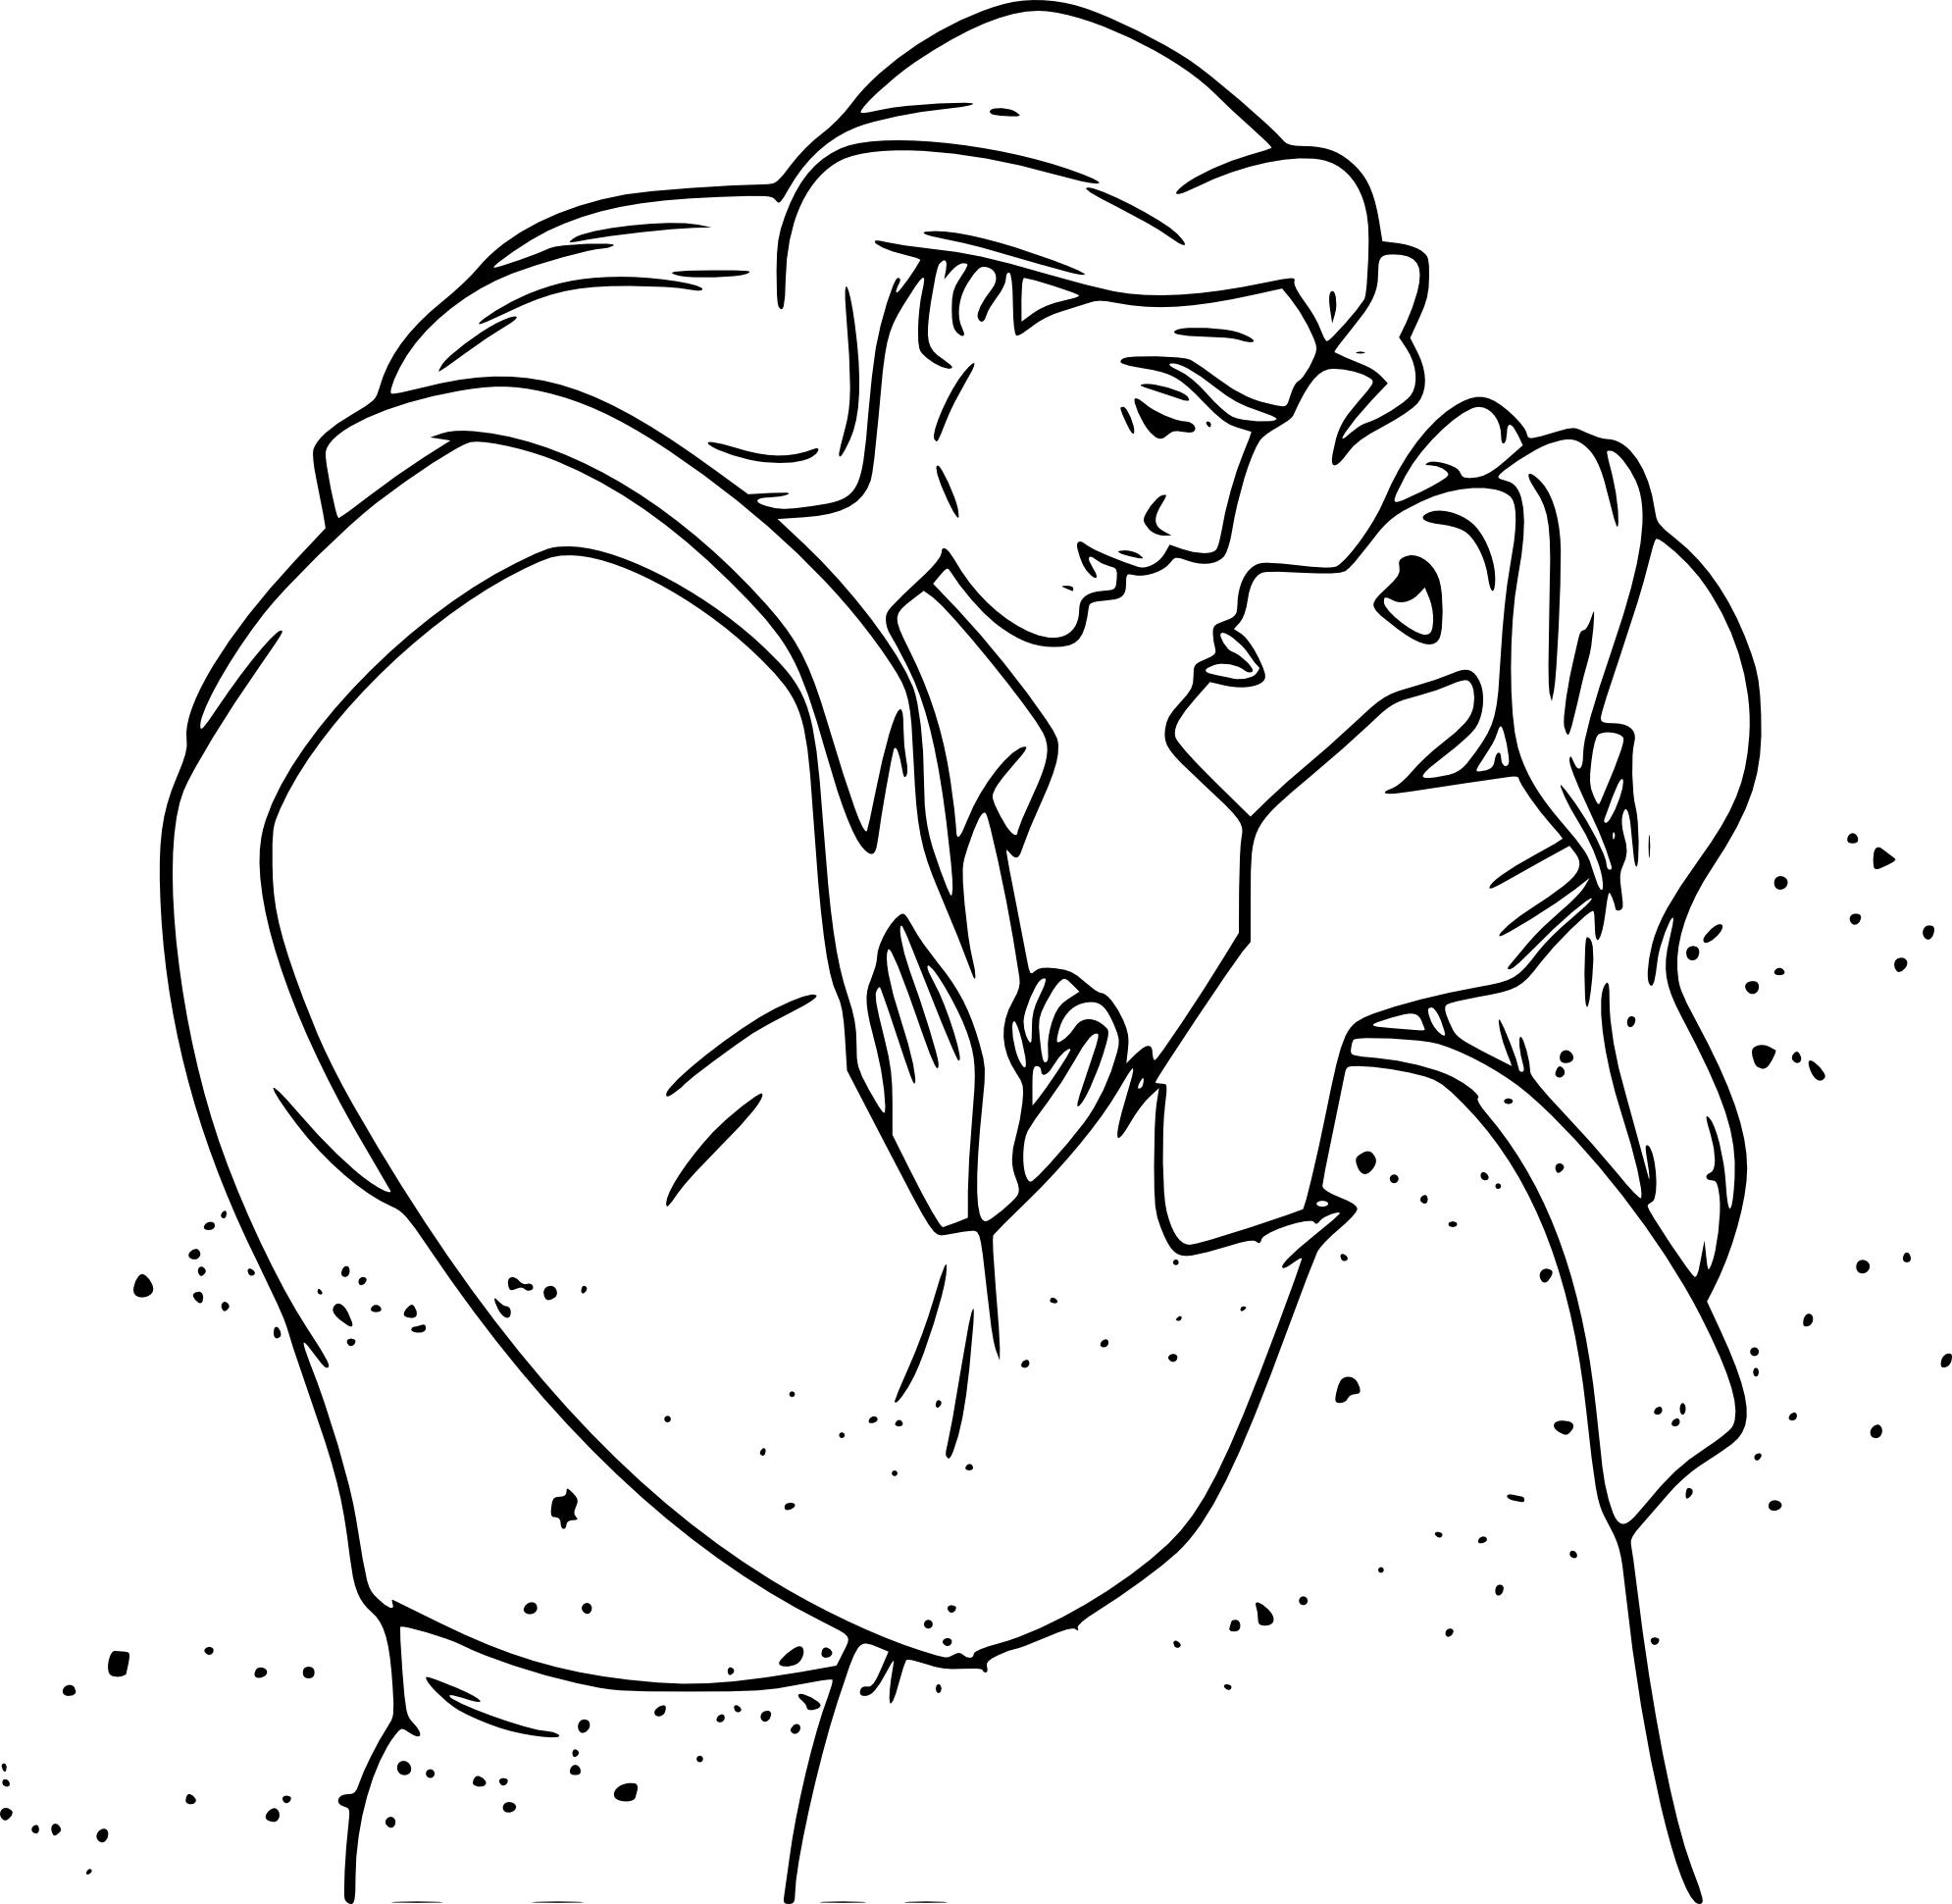 Coloriage Prince et Belle